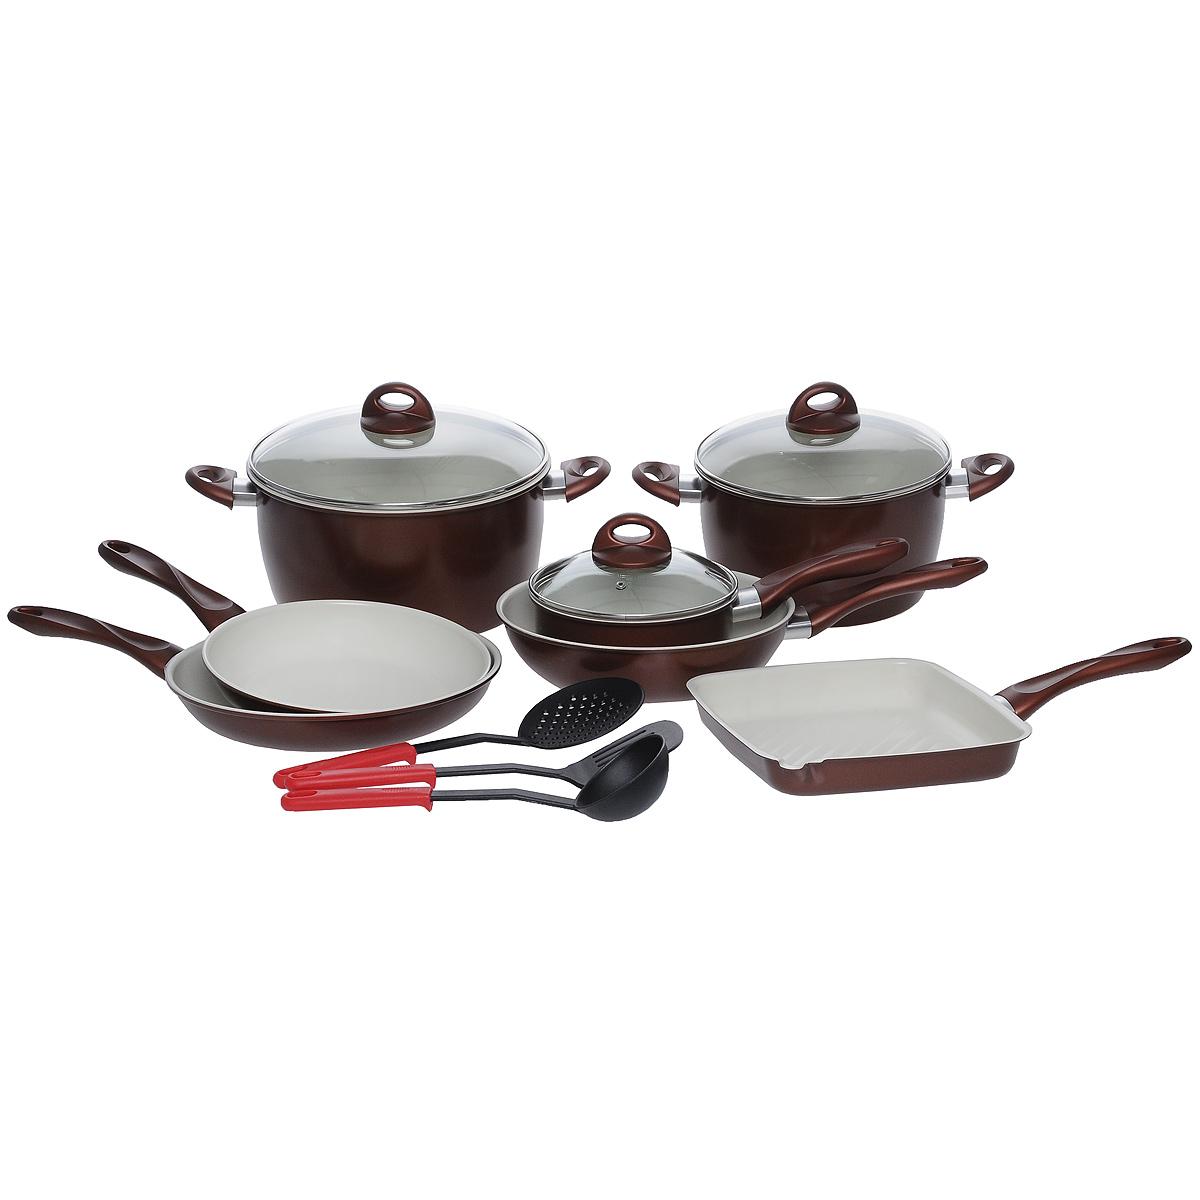 Набор посуды Bradex Кросс, с керамическим покрытием, 10 предметовTK 0043Набор посуды Bradex Кросс состоит из сковороды с крышкой, сковороды, сковороды-вок, ковша с крышкой, сковороды-гриллер, кастрюли, кастрюли с крышкой, лопатки, половника и шумовки. Изделия серии Кросс выполнены из высококачественной углеродистой стали и покрыты прочным слоем керамики. Пища в такой посуде не пригорает и не выделяет при этом вредные химические соединения. Посуда устойчива к механическим повреждениям, способна выдерживать высокие температуры, а также аккумулирует тепло и тем самым ускоряет процесс приготовления блюд. Усиленное керамическое покрытие обладает антипригарными свойствами и позволяет готовить с использованием минимального количества масла. Качество и экологичность материалов способствуют сохранению всех витаминов в продуктах даже в процессе их обработки, а износостойкое керамическое покрытие продлевает срок службы изделия и не требует к тому же специального ухода. Посуда оснащена удобными бакелитовыми ручками с прорезиненным покрытием и...